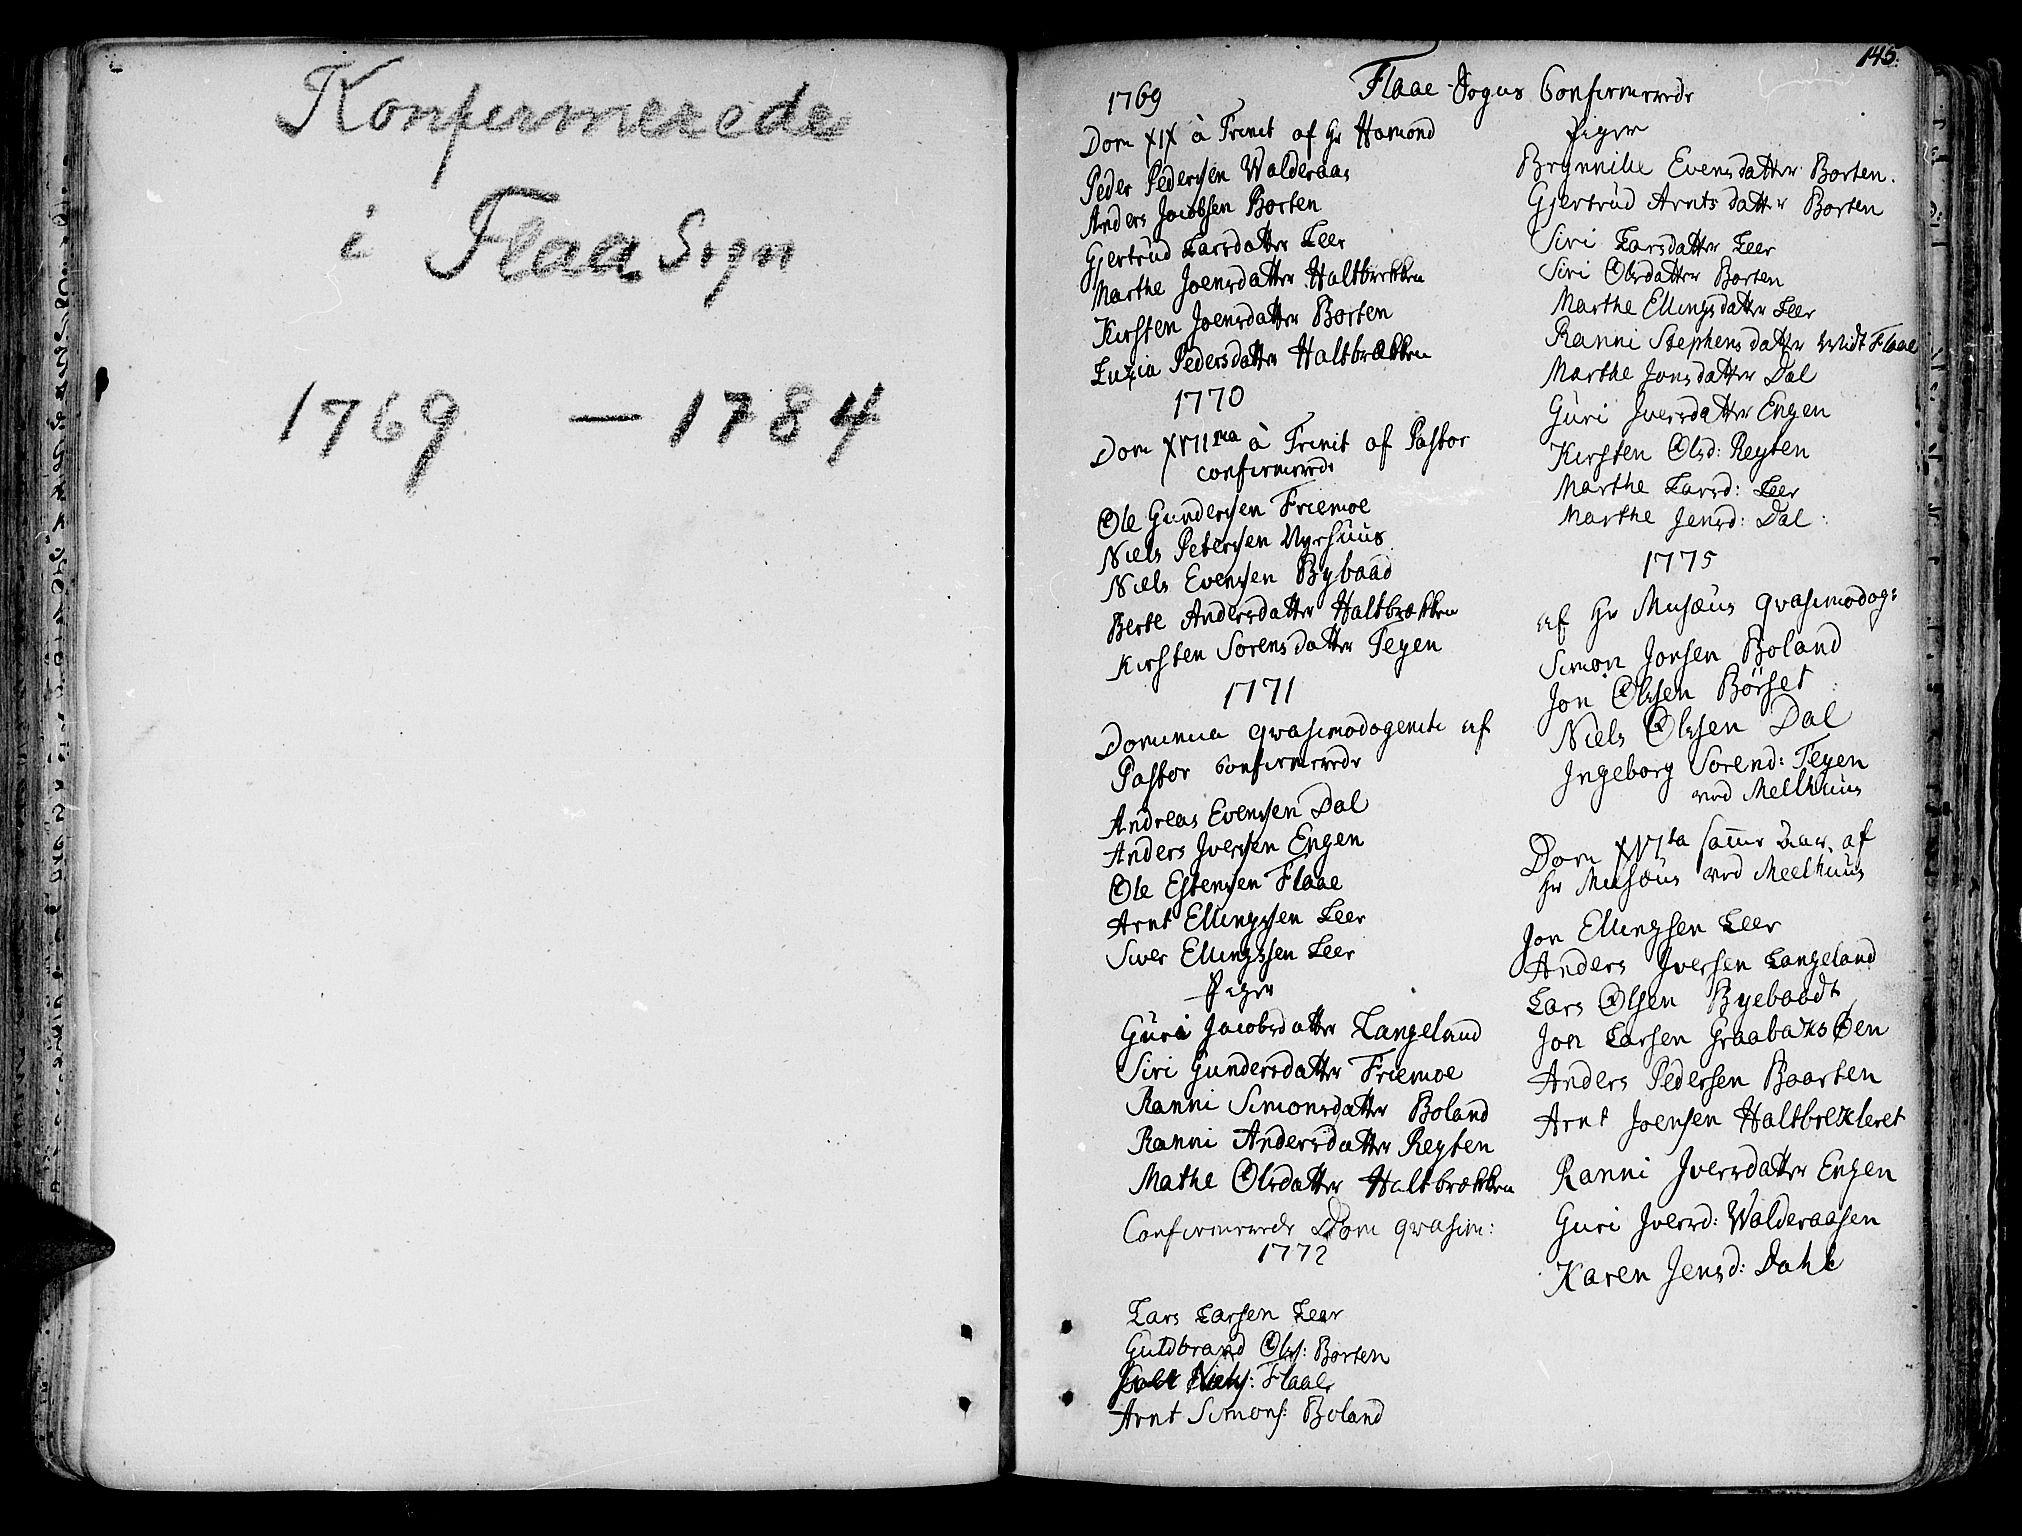 SAT, Ministerialprotokoller, klokkerbøker og fødselsregistre - Sør-Trøndelag, 691/L1062: Ministerialbok nr. 691A02 /2, 1768-1815, s. 145